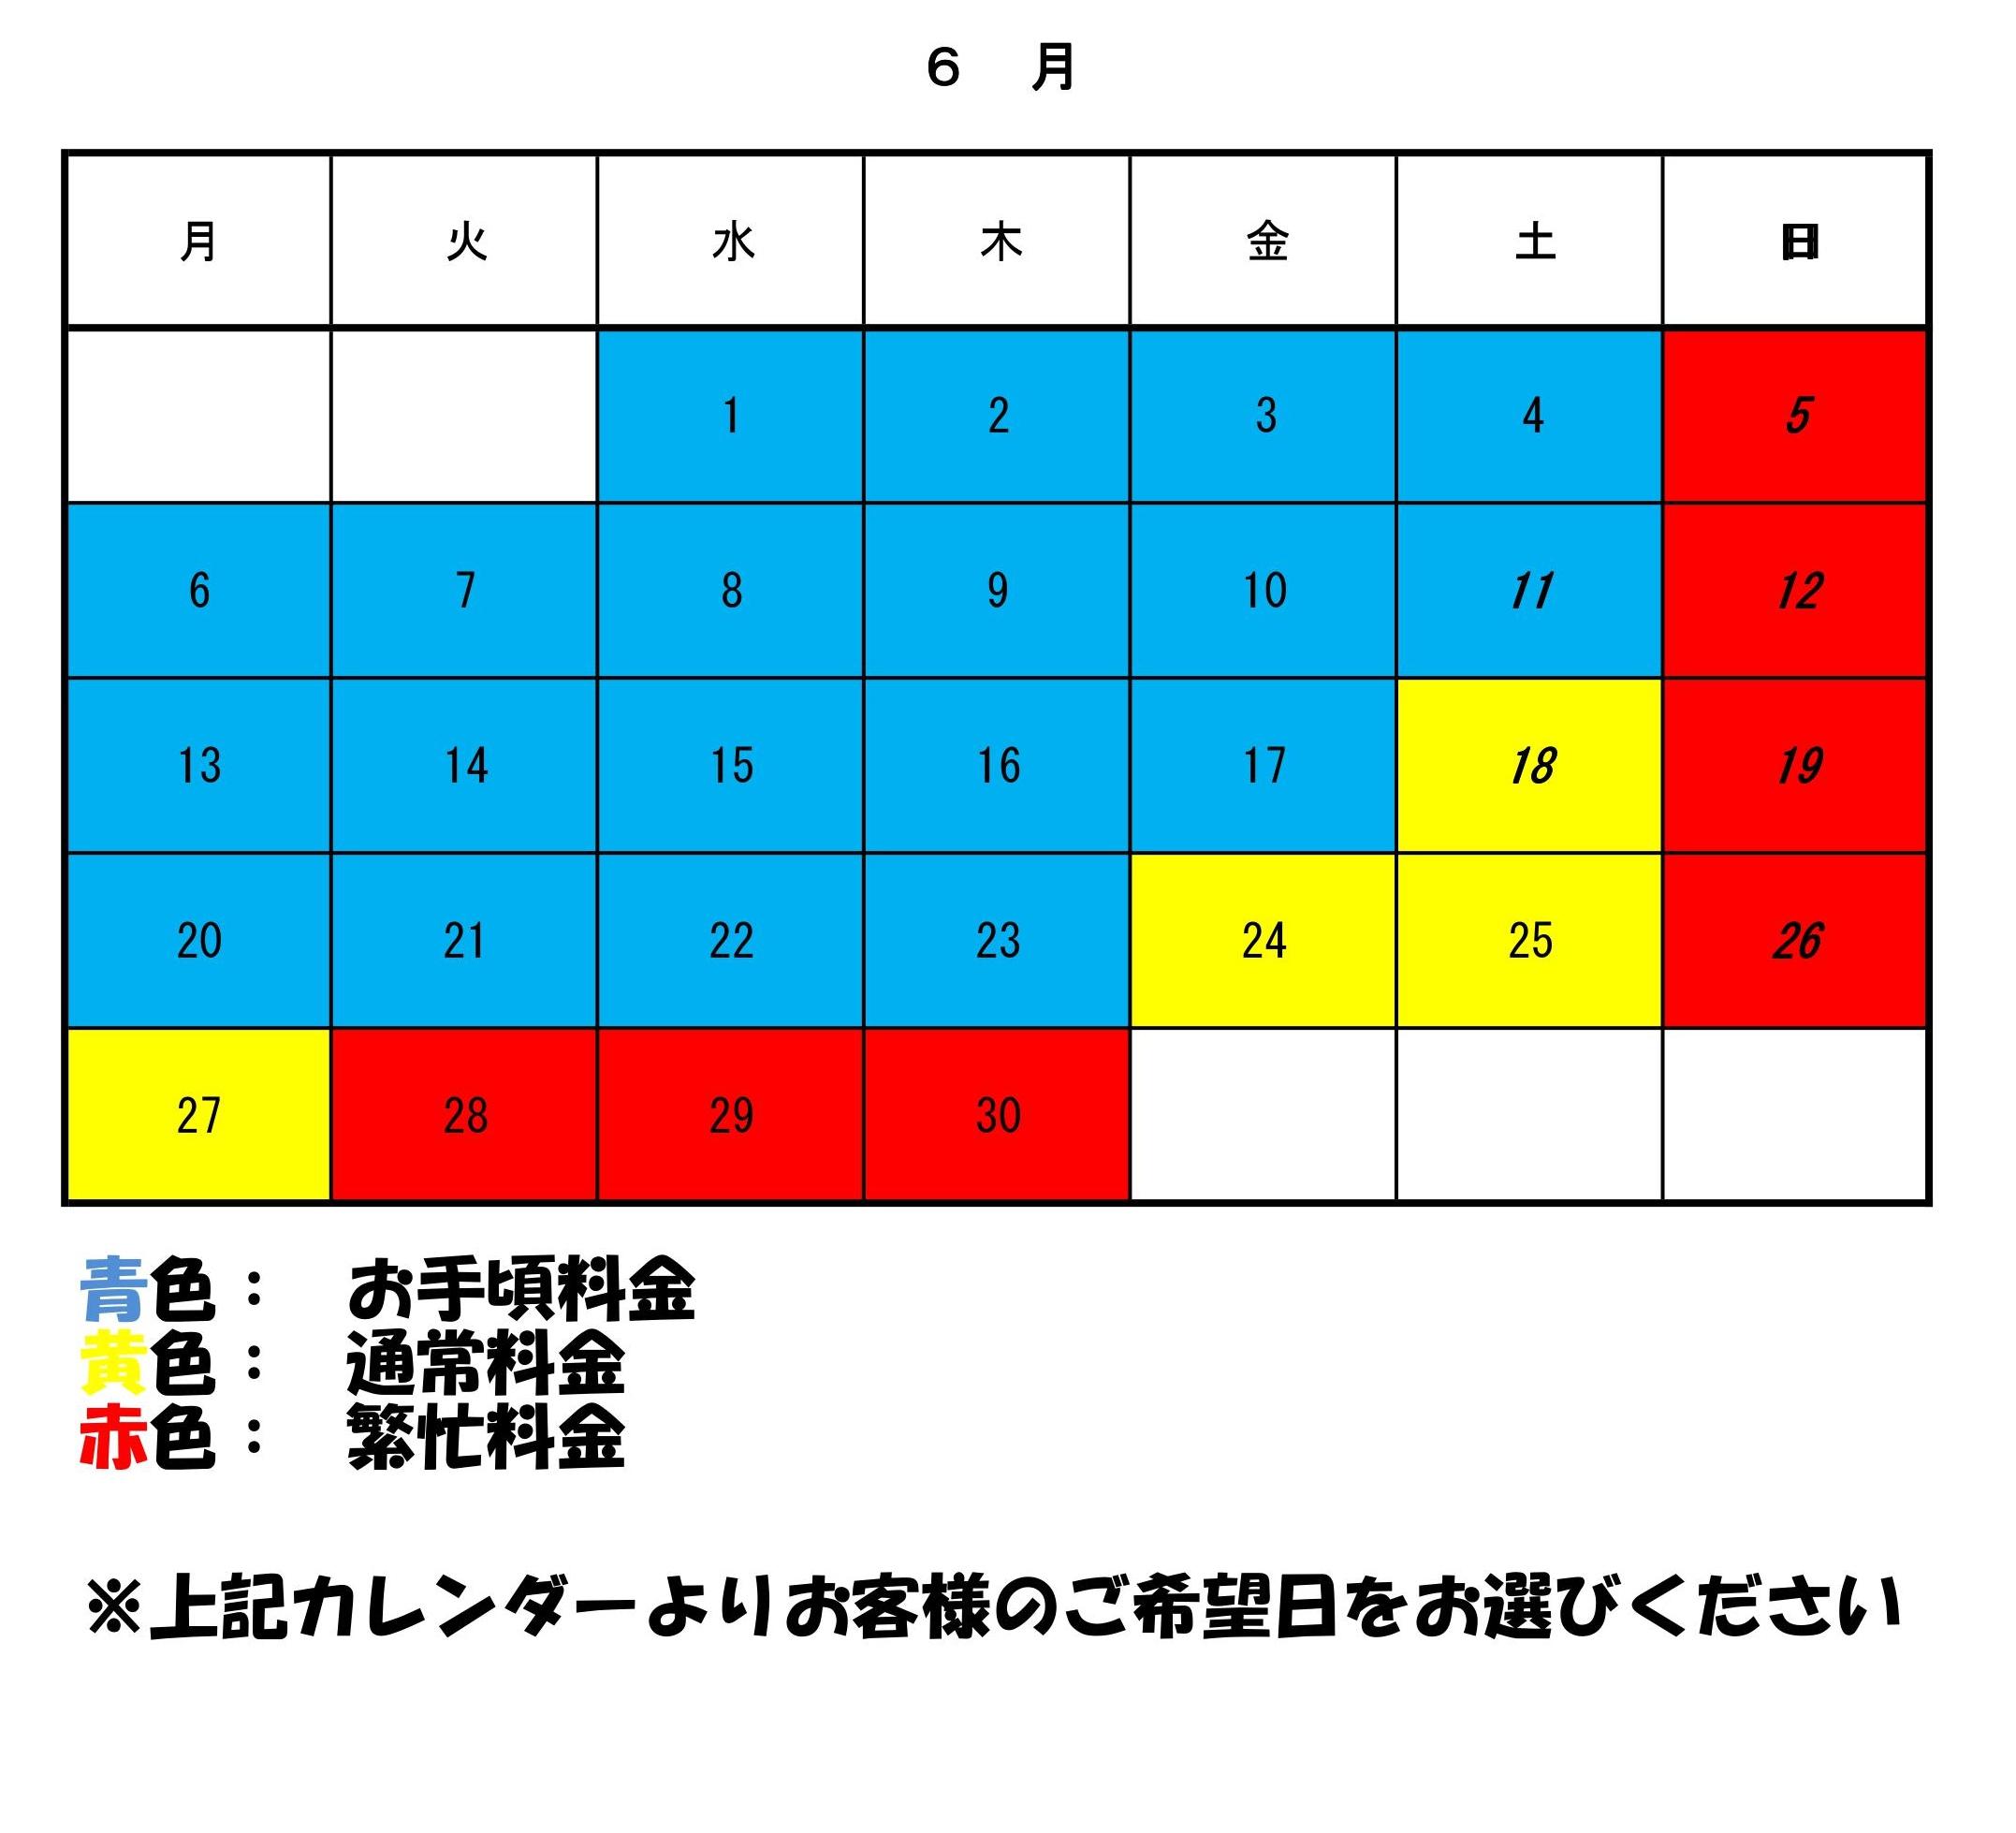 http://www.ikedapiano.co.jp/0001%20%2815%29.jpg